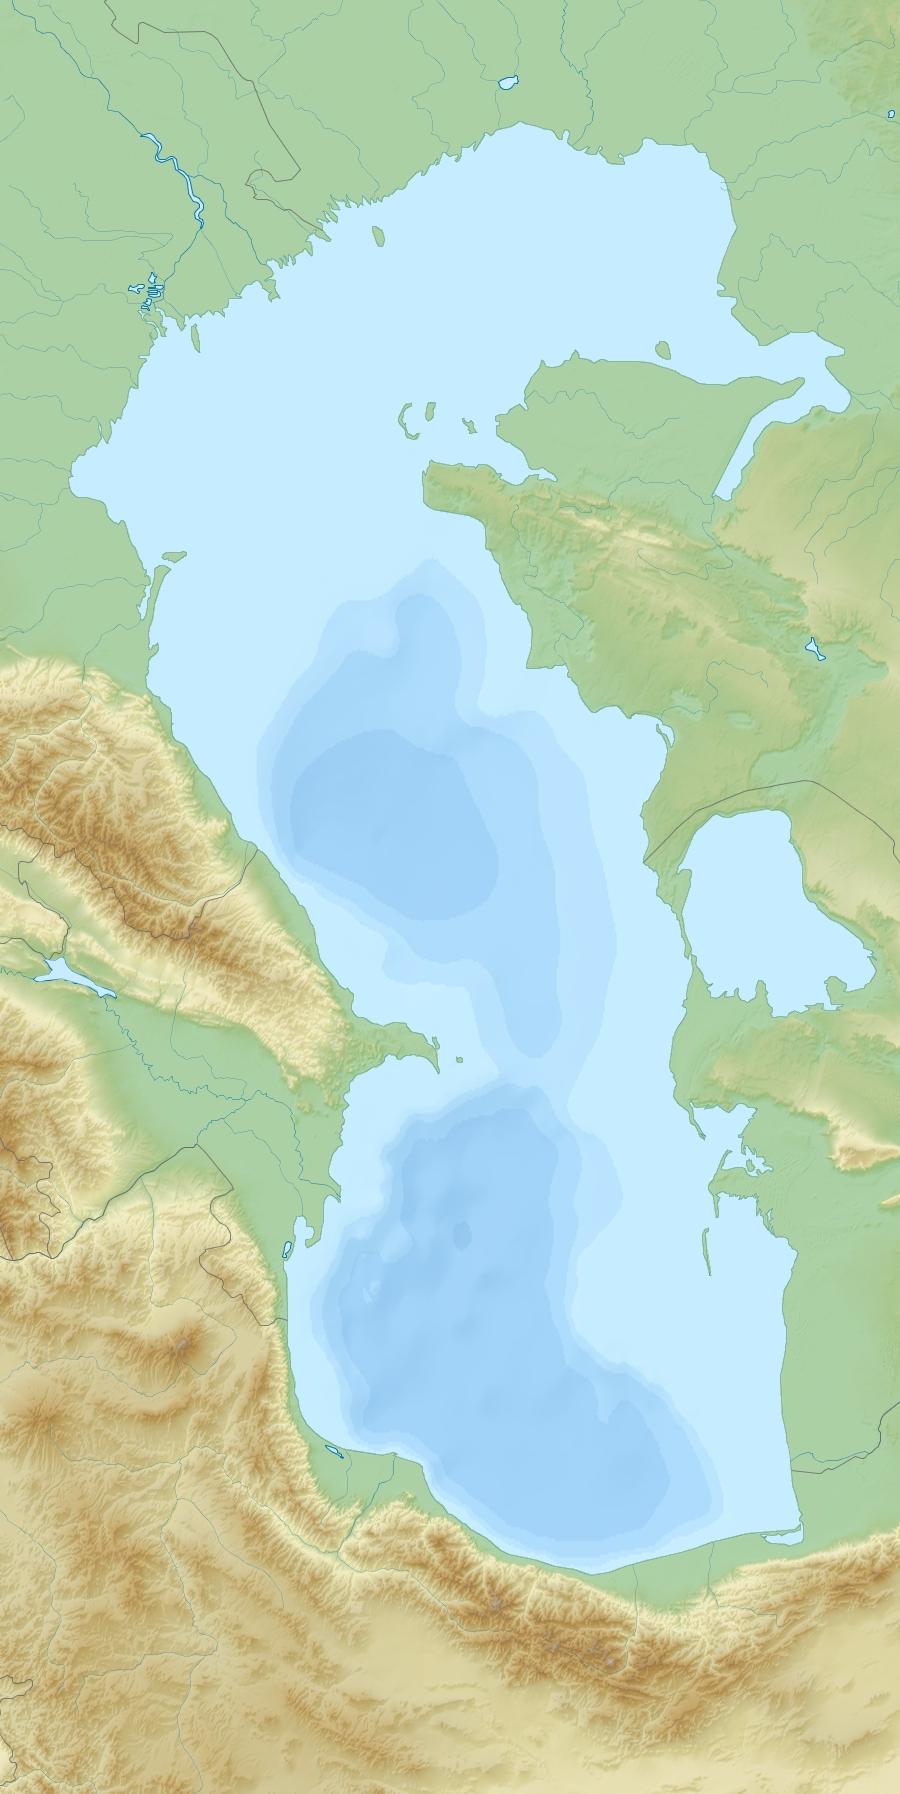 Kashagan Field - Wikipedia